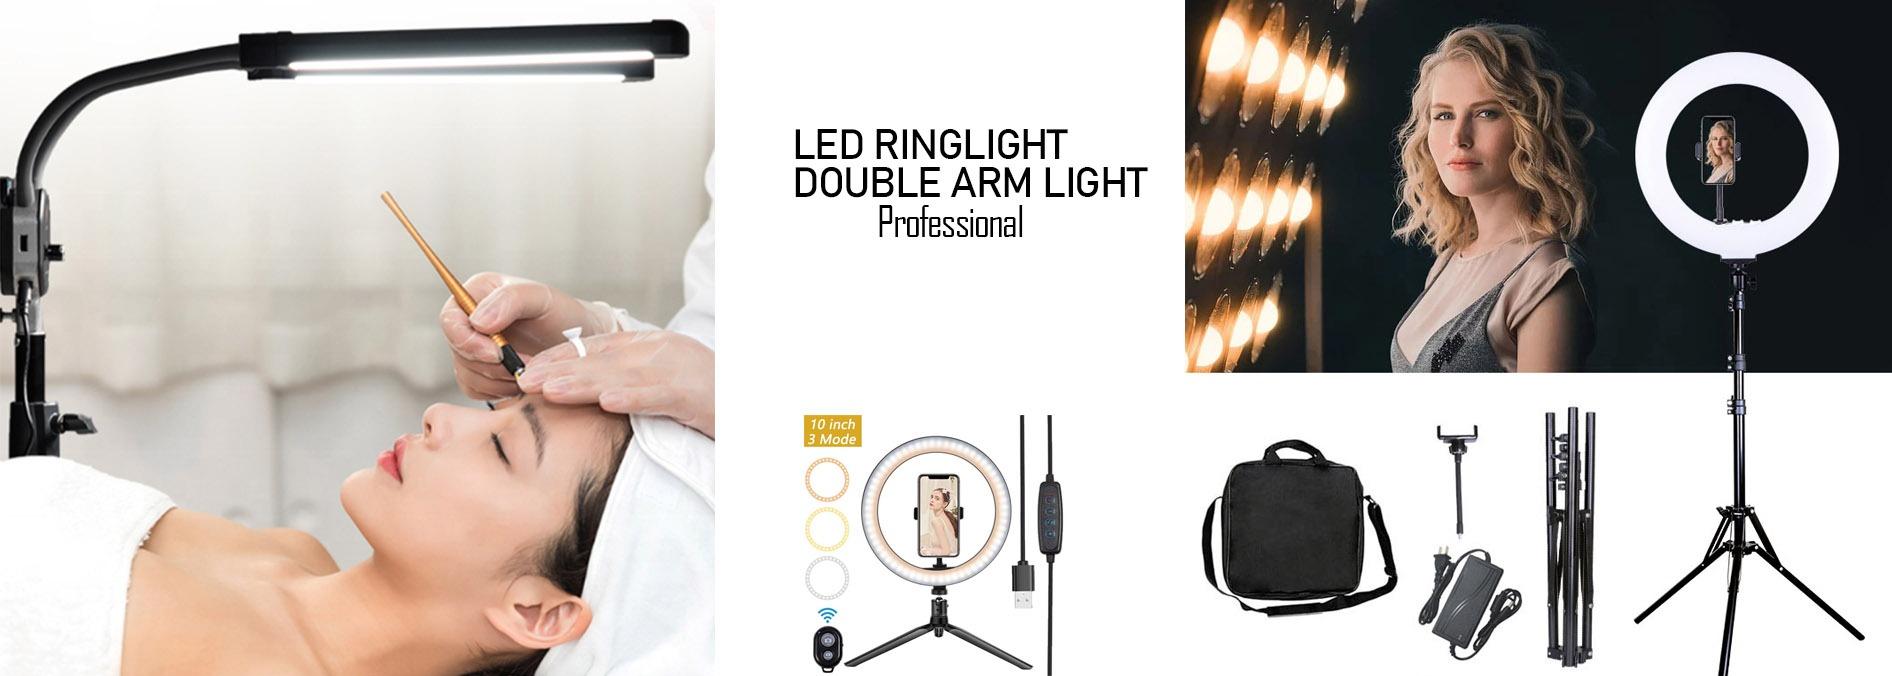 Led ring light för olika skönhetsbehandlingar